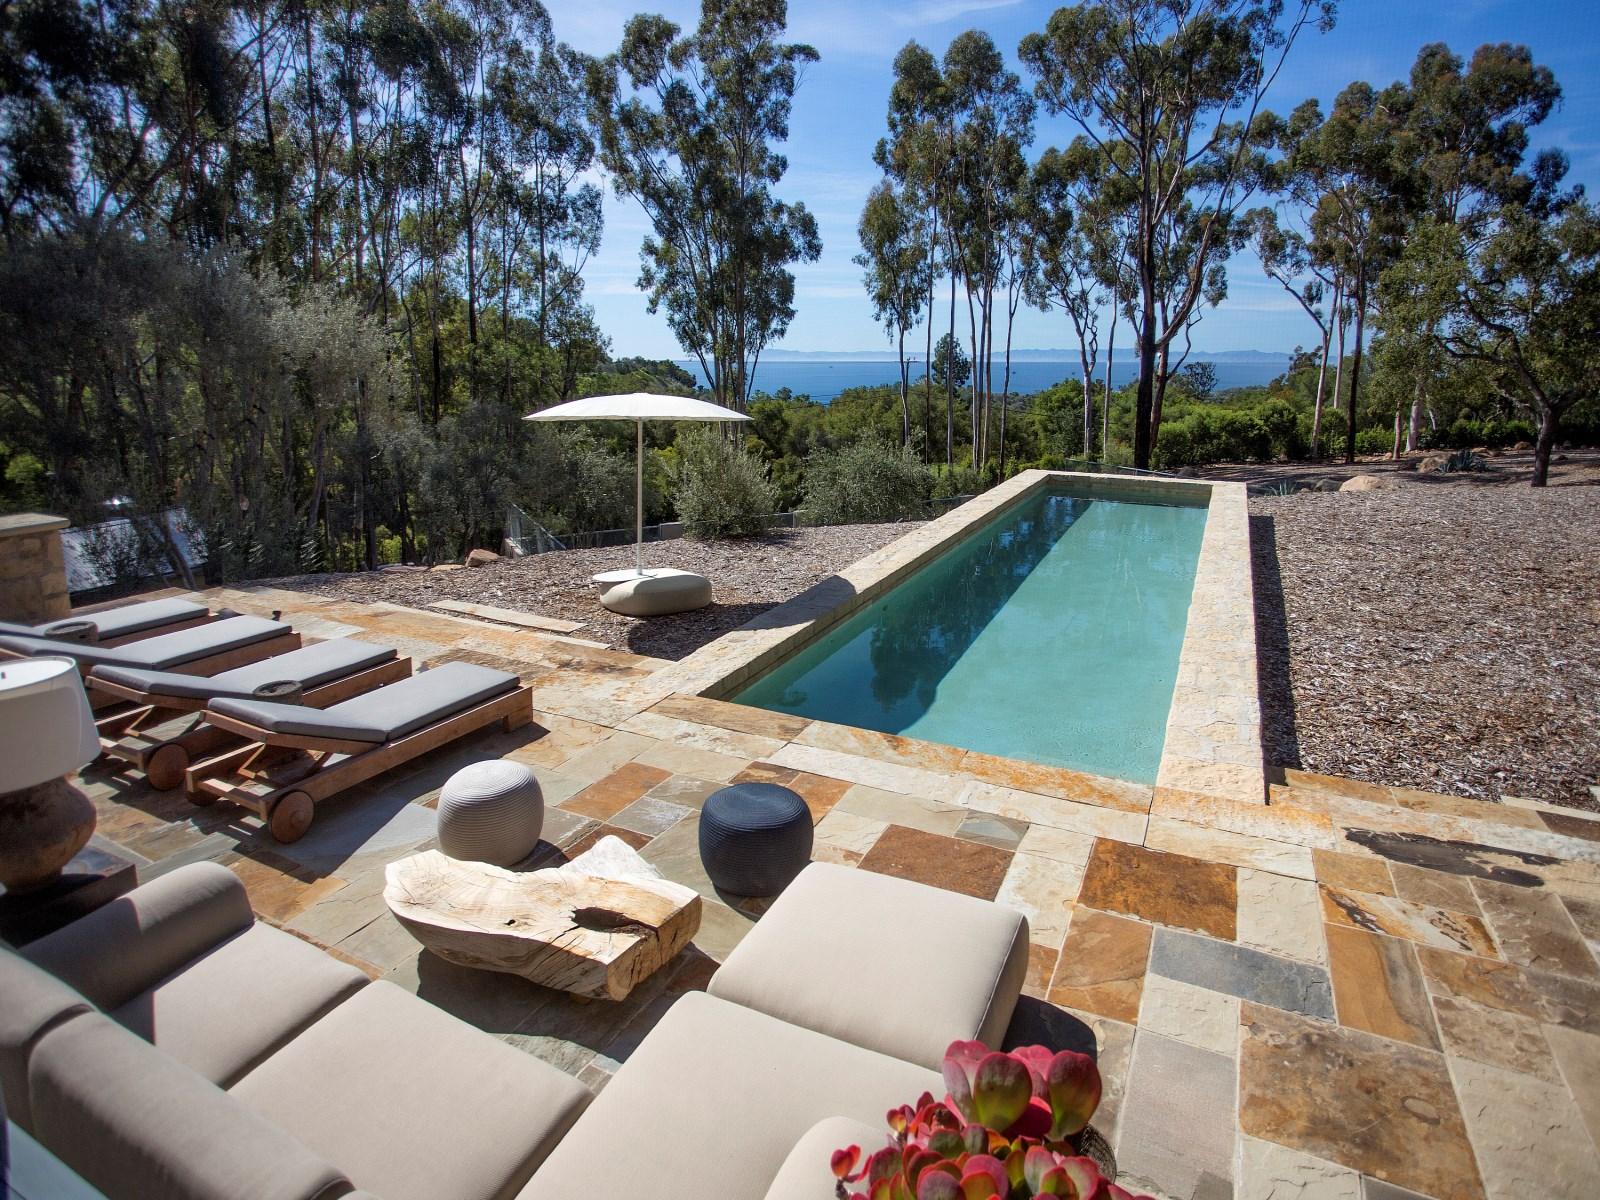 La proprietà si trova nella contea di Santa Barbara in California / Sotheby´s